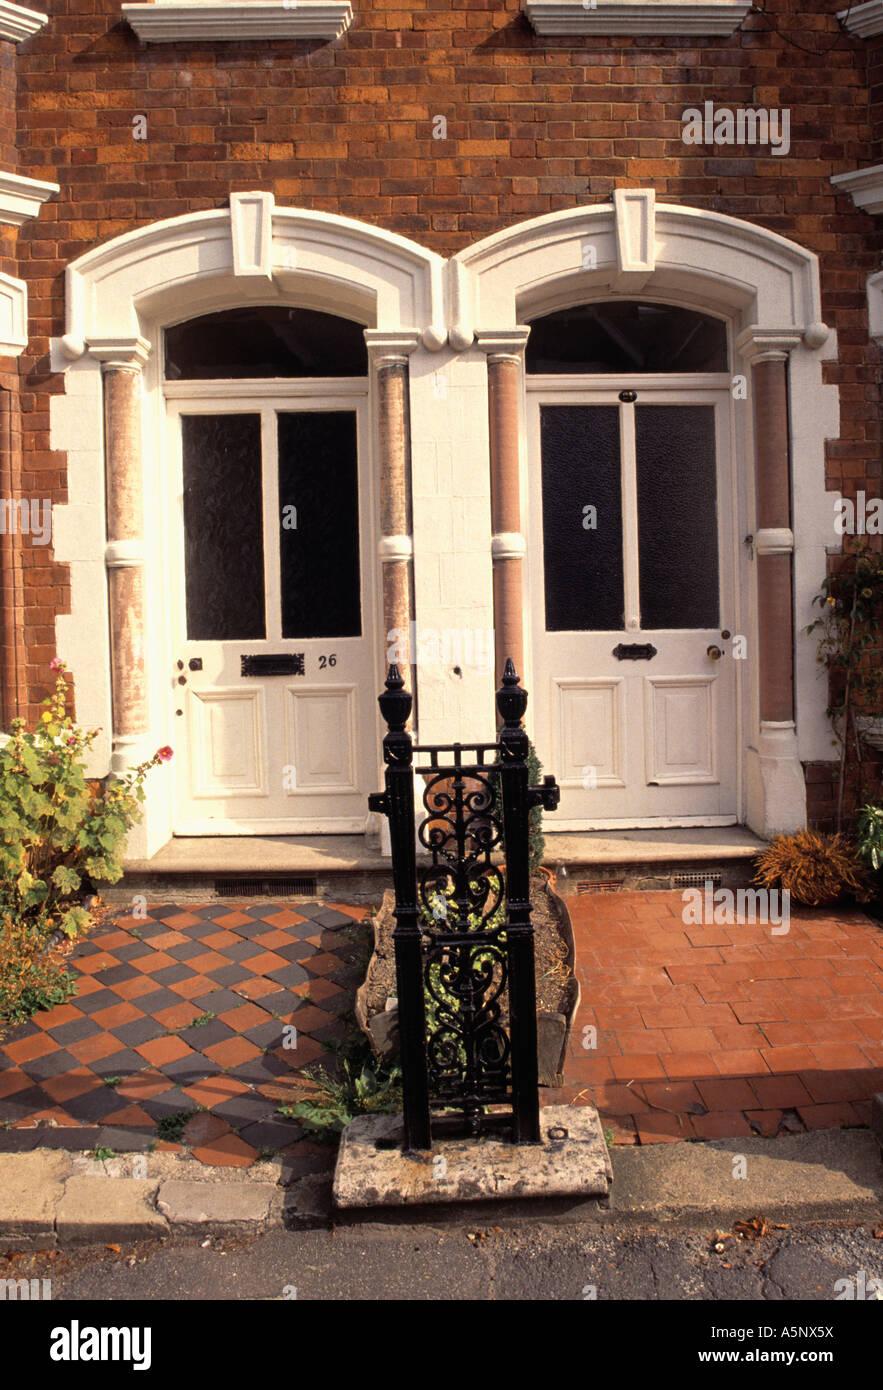 Rutas de azulejos separados por verja de hierro y puertas de terraza eduardiana foto imagen de - Azulejos de terraza ...